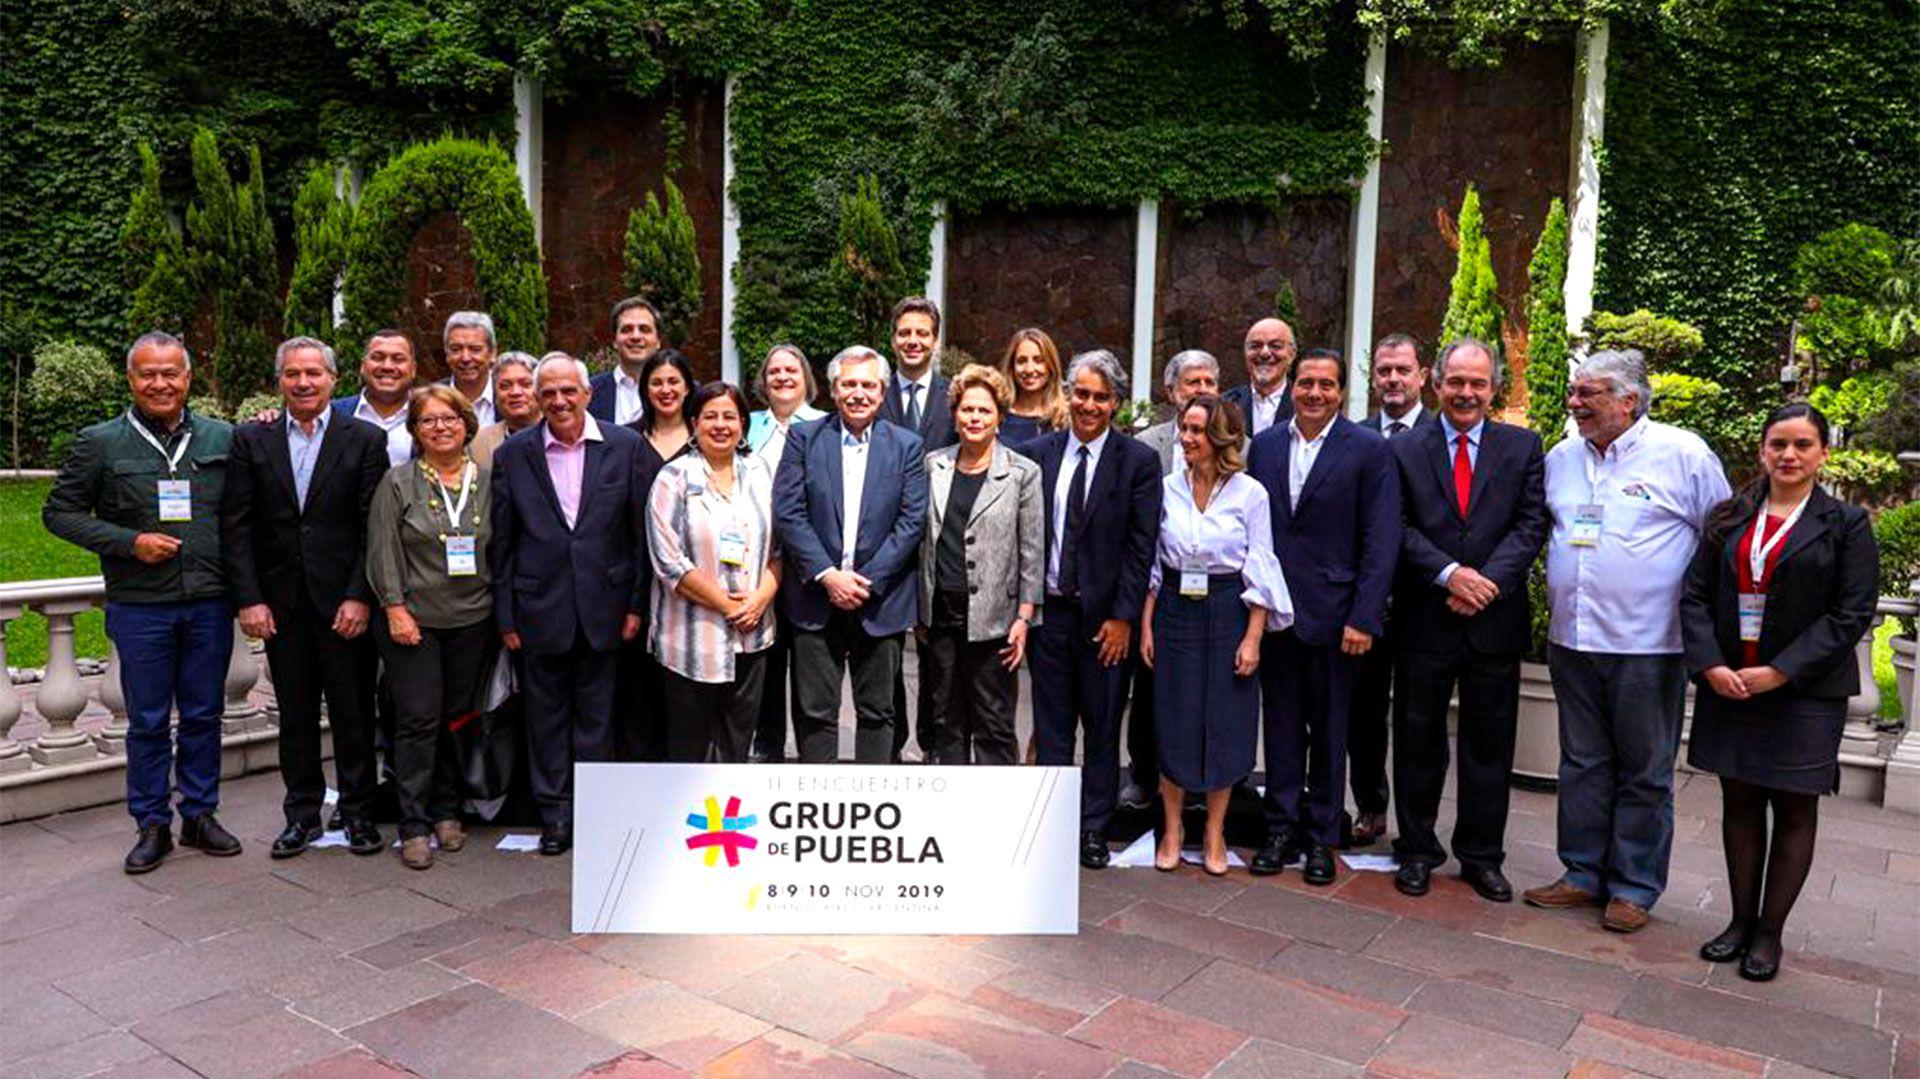 La foto de familia de los integrantes del Grupo de Puebla reunidos en Buenos Aires